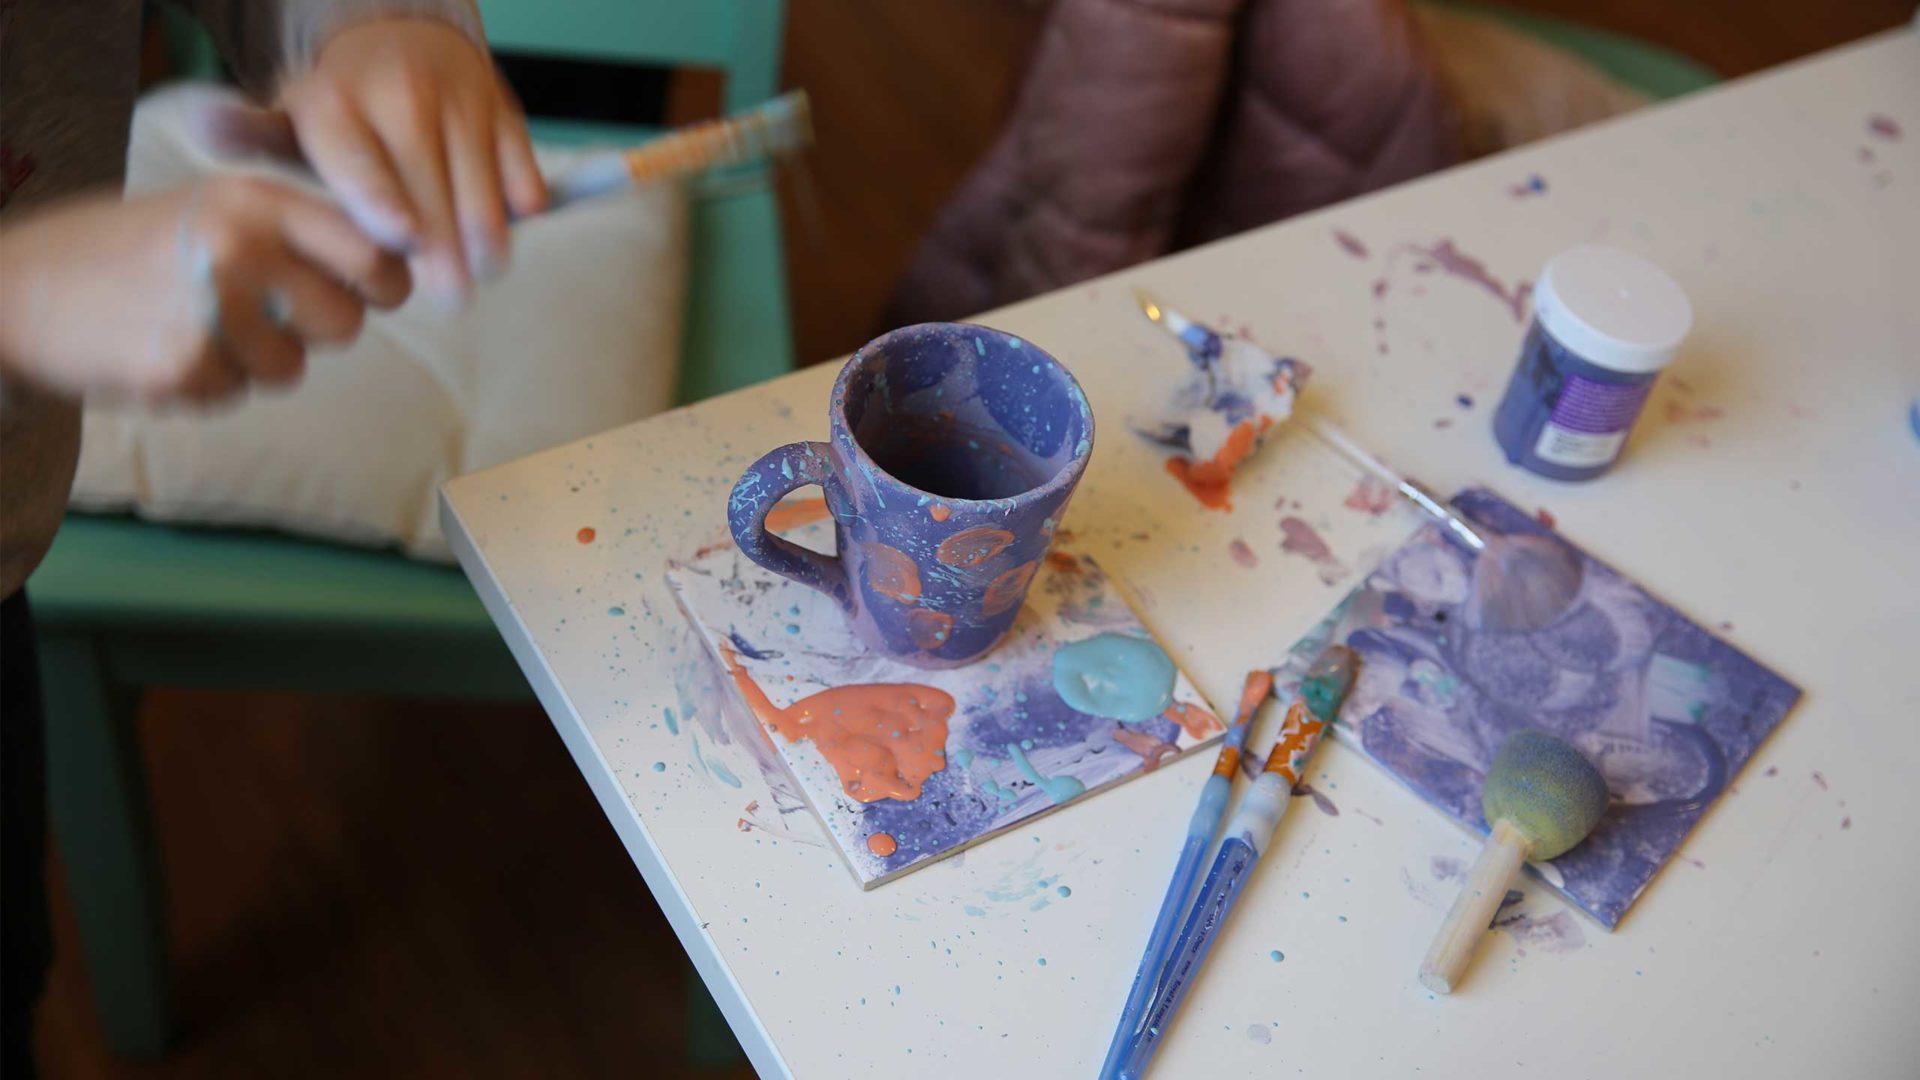 eine Tasse auf einem Tisch der Kreativwerkstatt mit Pinseln und Farbkleksen